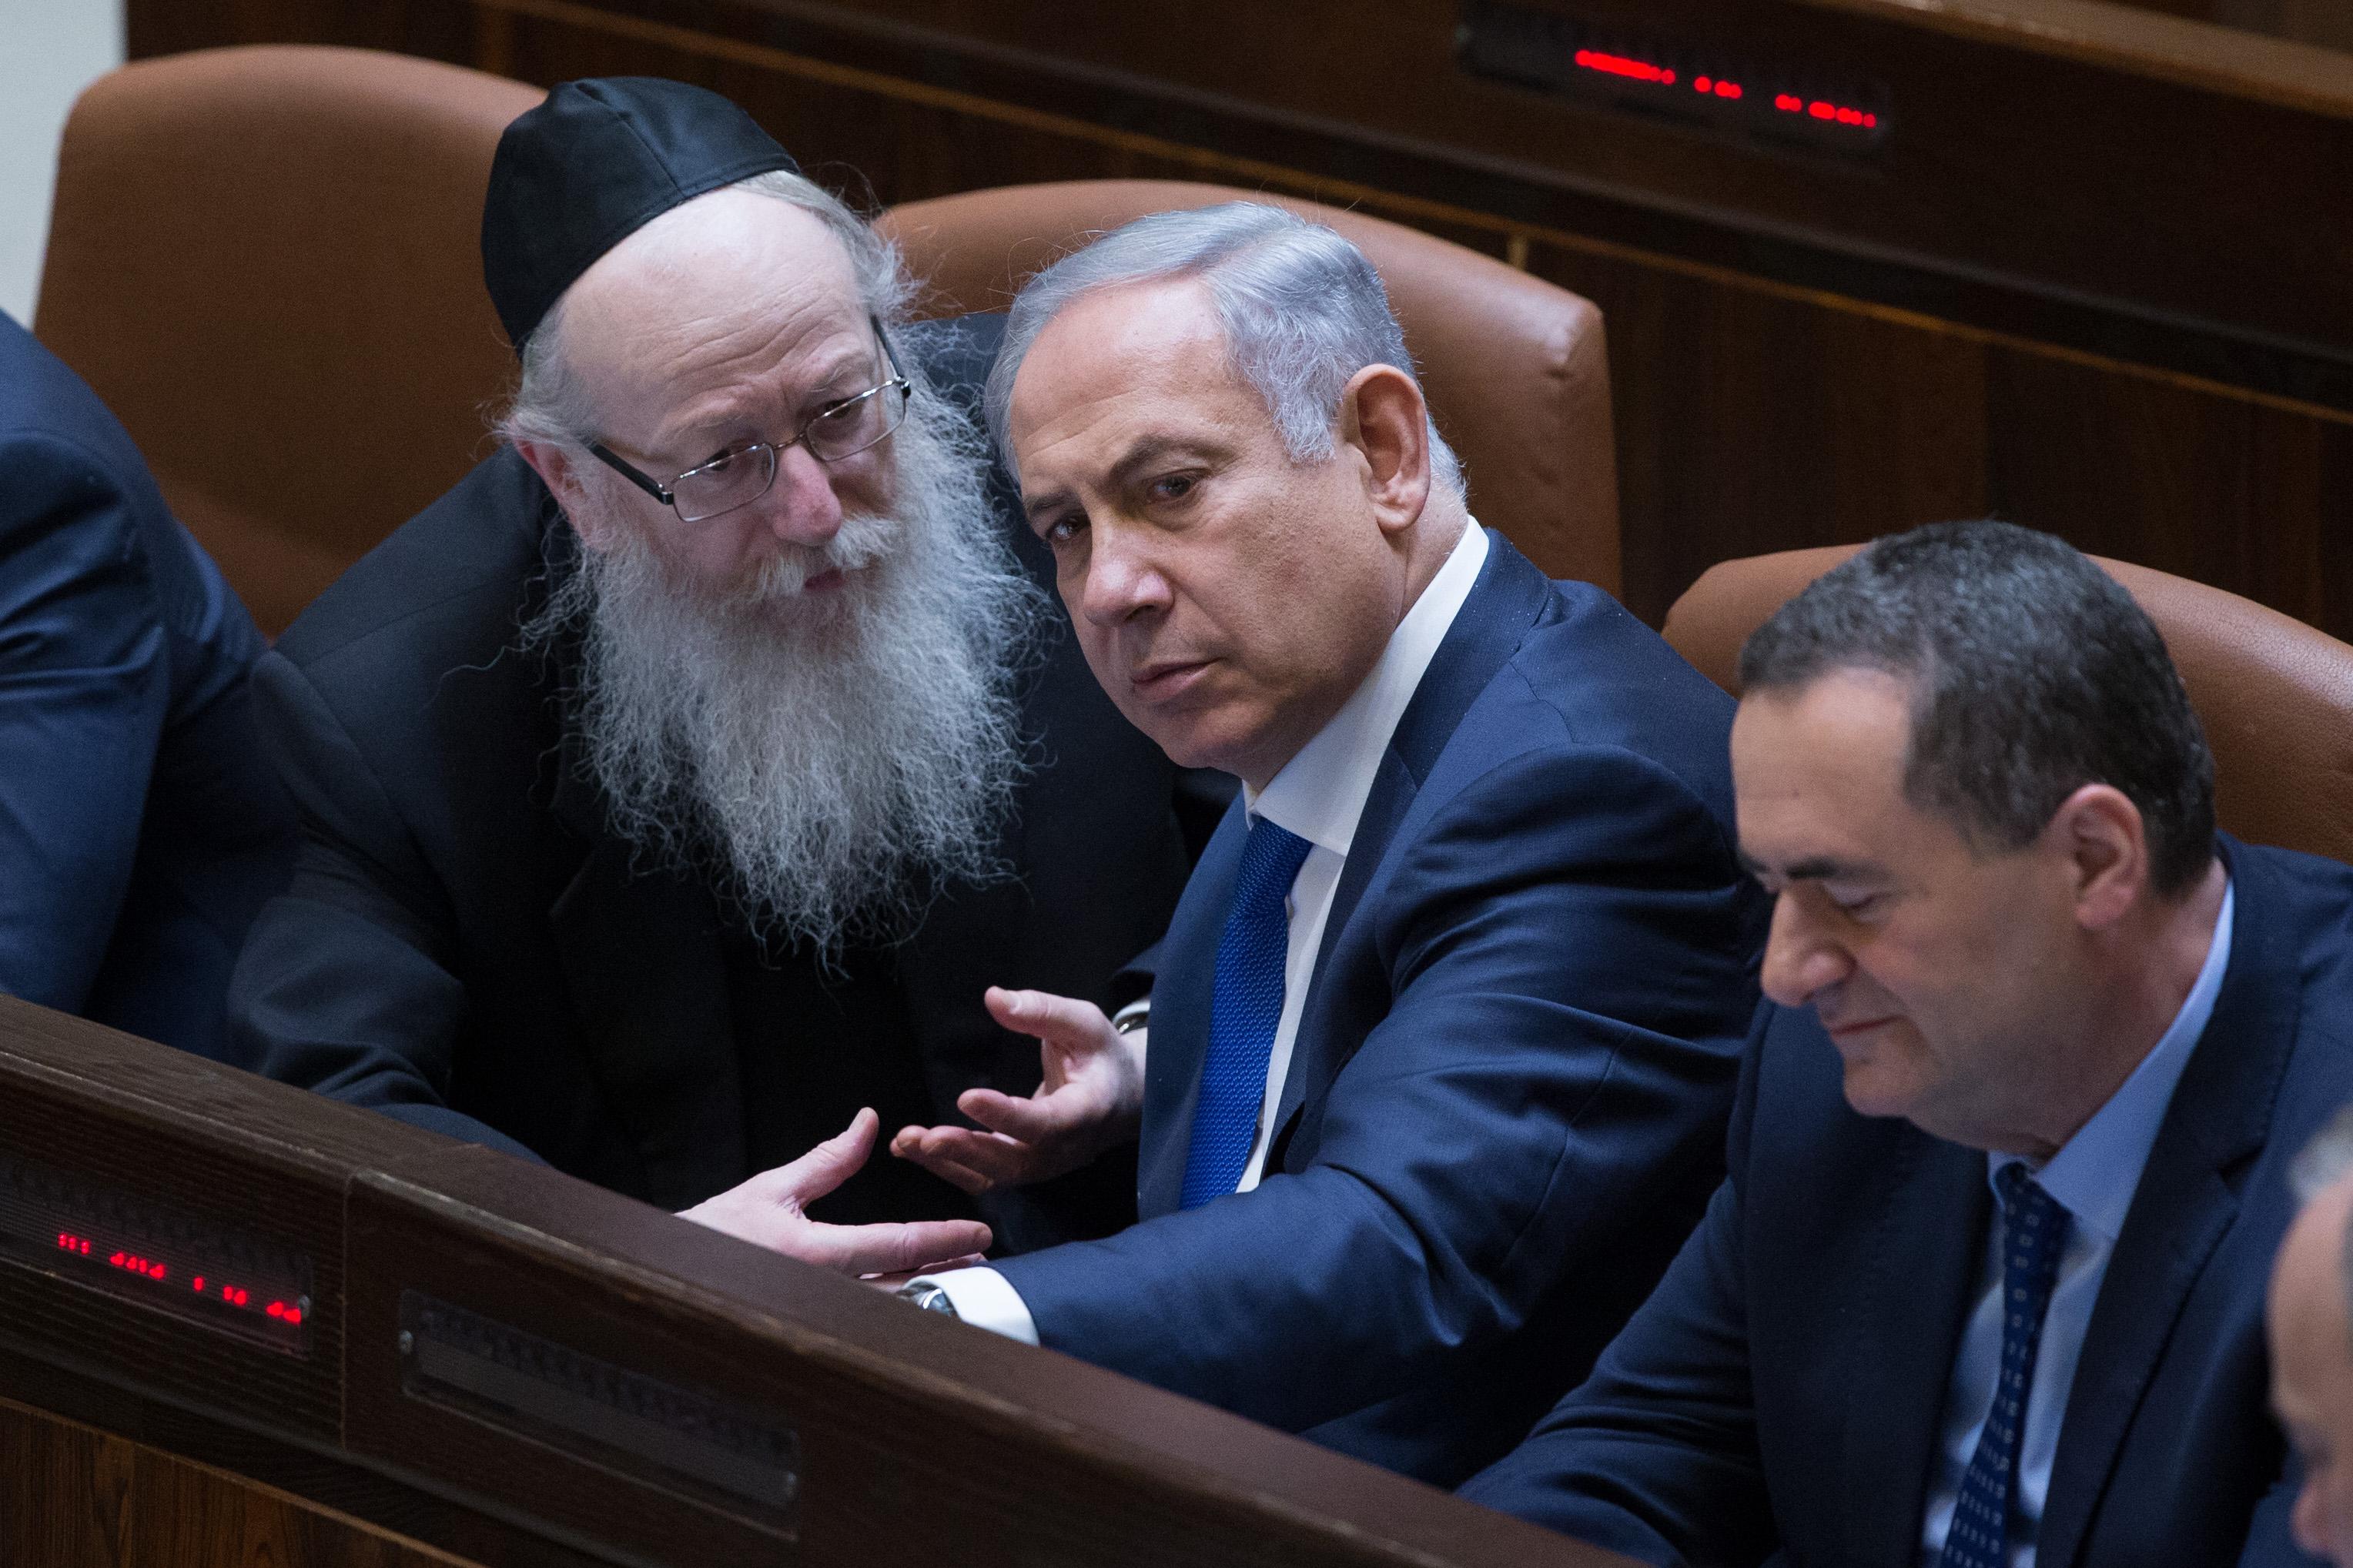 ראש הממשלה וסגן שר הבריאות משוחחים במליאת הכנסת